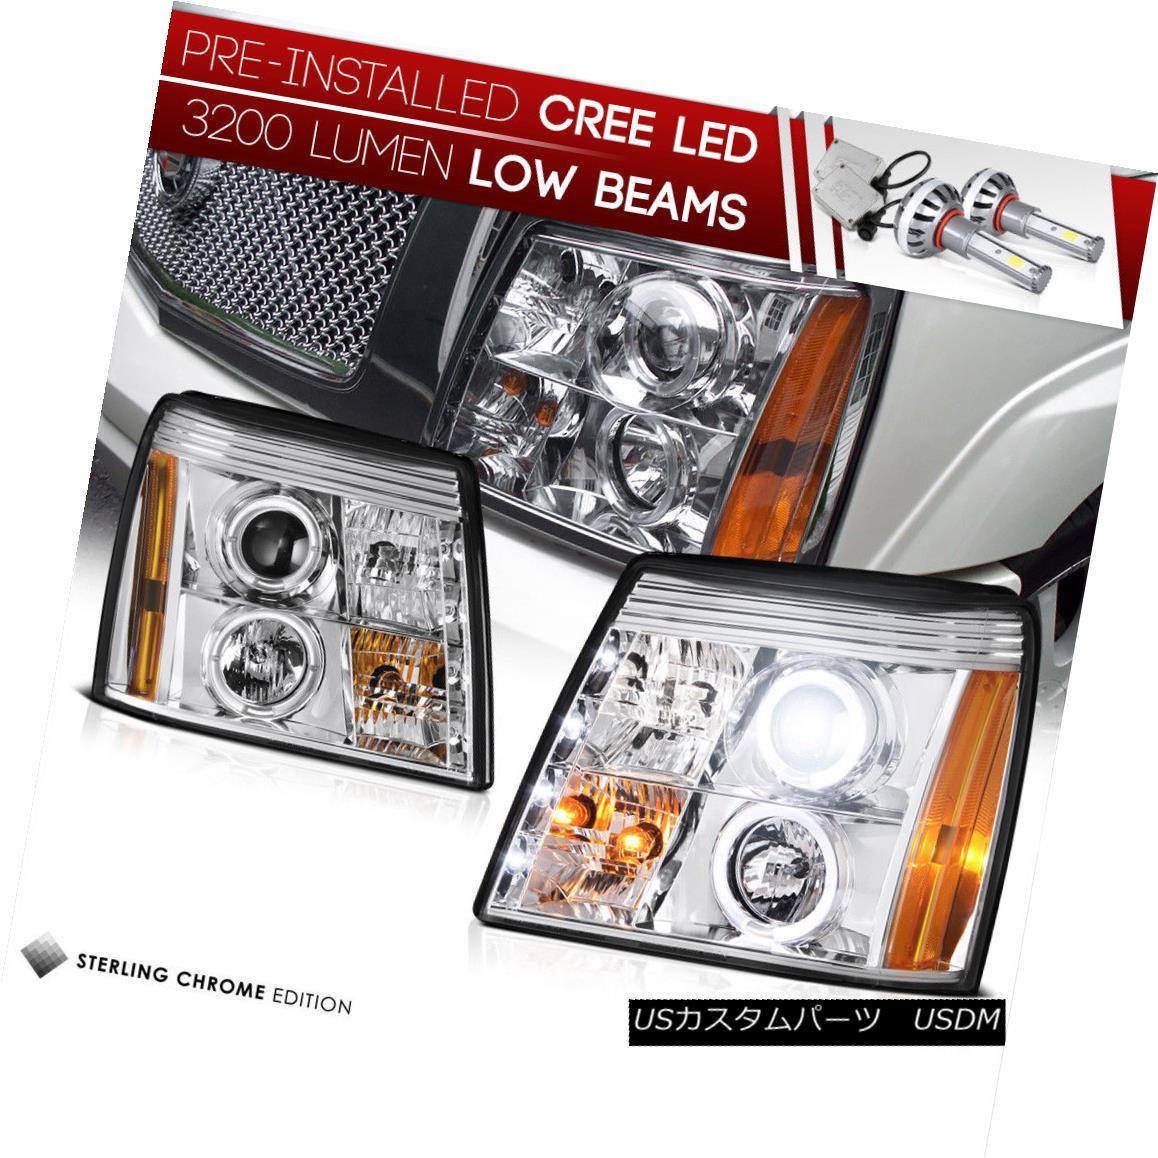 ヘッドライト [BUILT-IN LED LOW BEAM] CADILLAC ESCALADE 2002 New Pair Projector Headlight Set [LEDインラインロービーム] CADILLAC ESCALADE 2002新しいペアプロジェクターヘッドライトセット